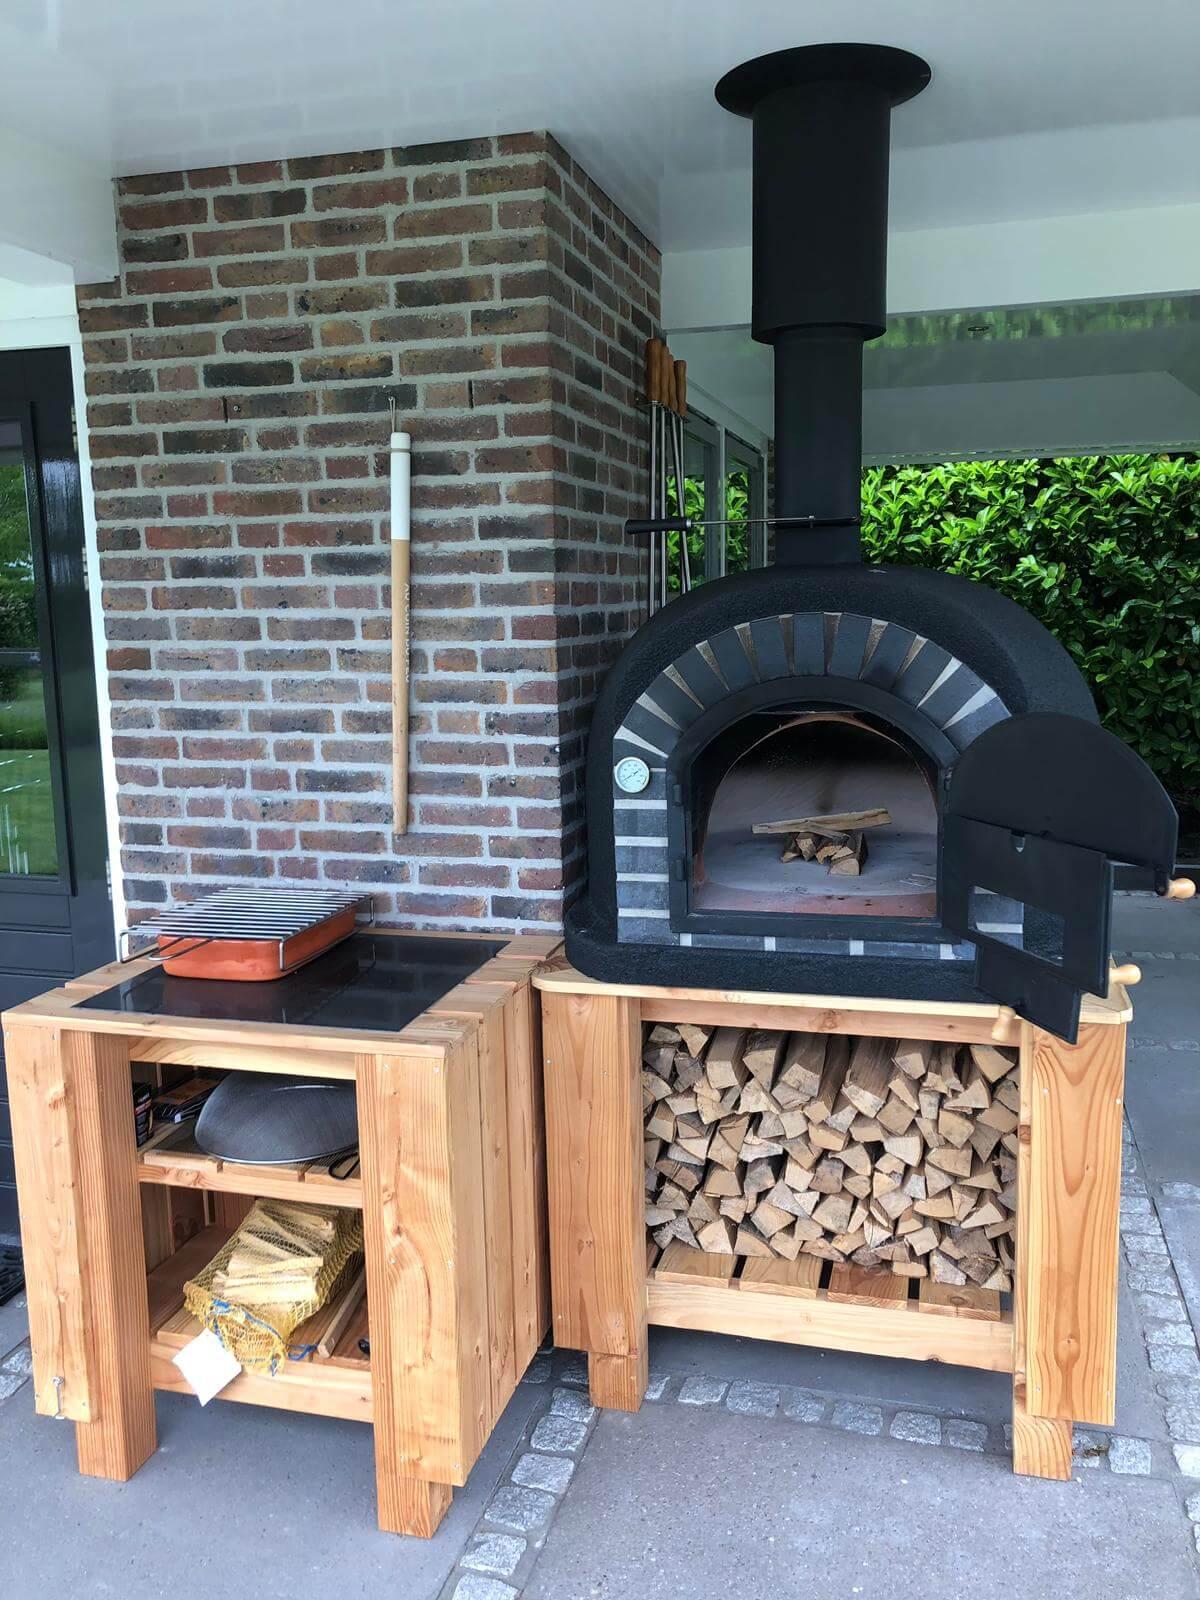 Pizza houtoven buitenkeuken